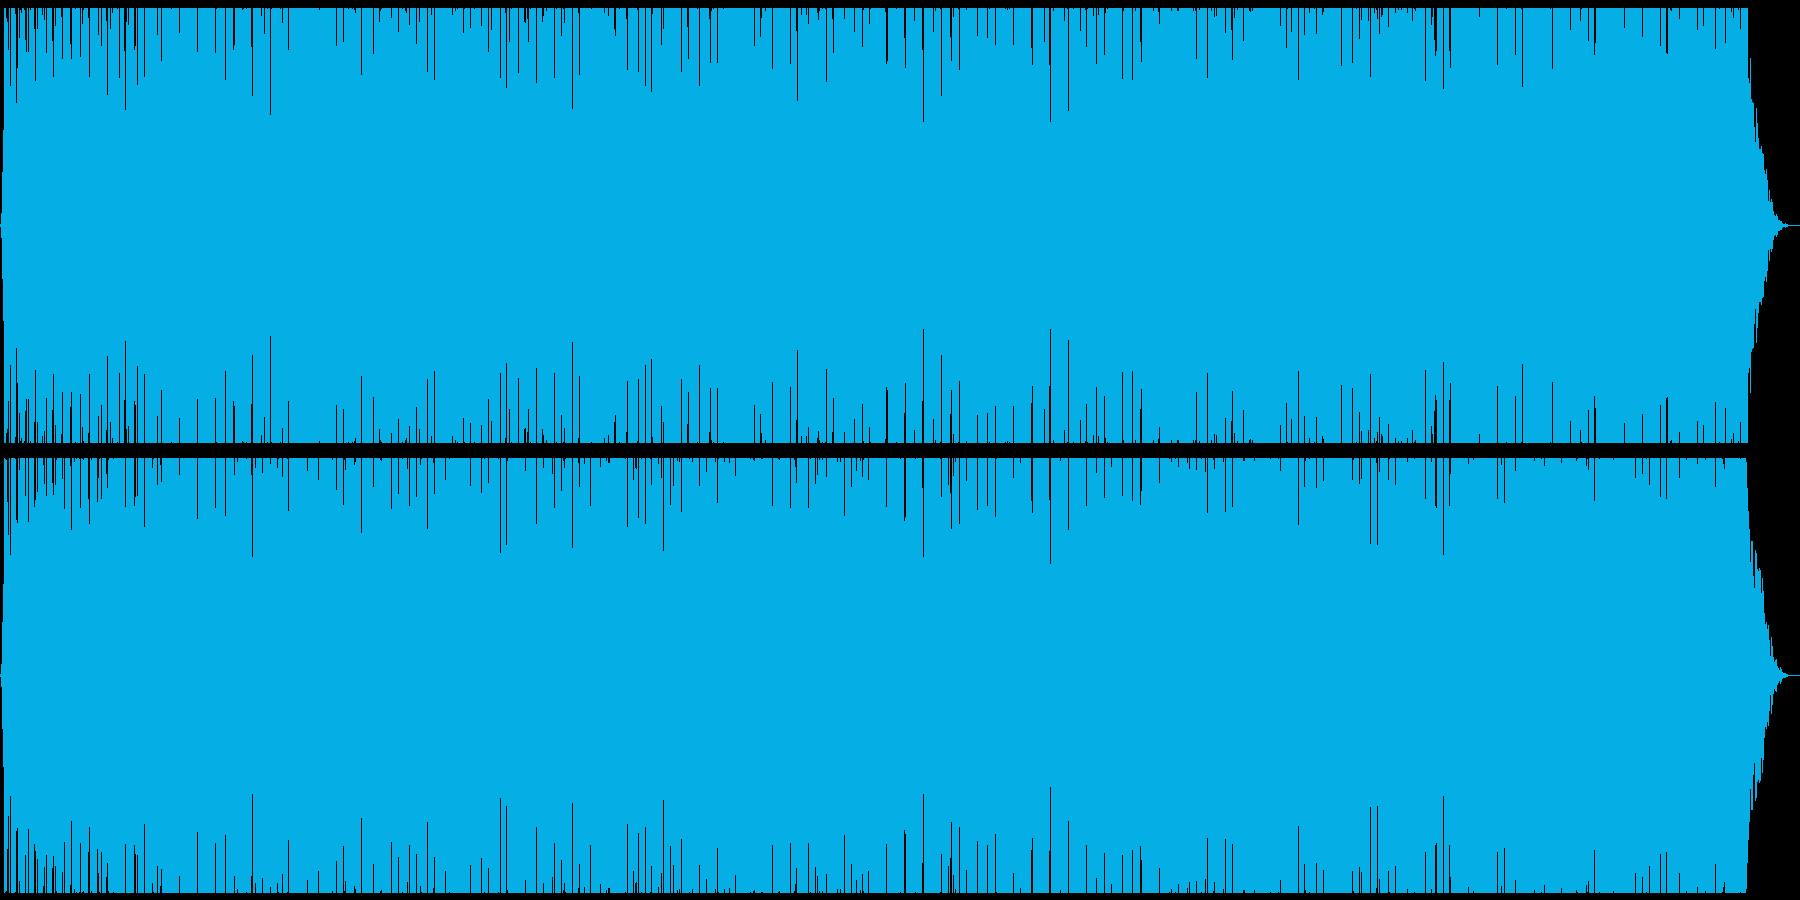 ハードボイルドな雰囲気のエレクトロニカの再生済みの波形